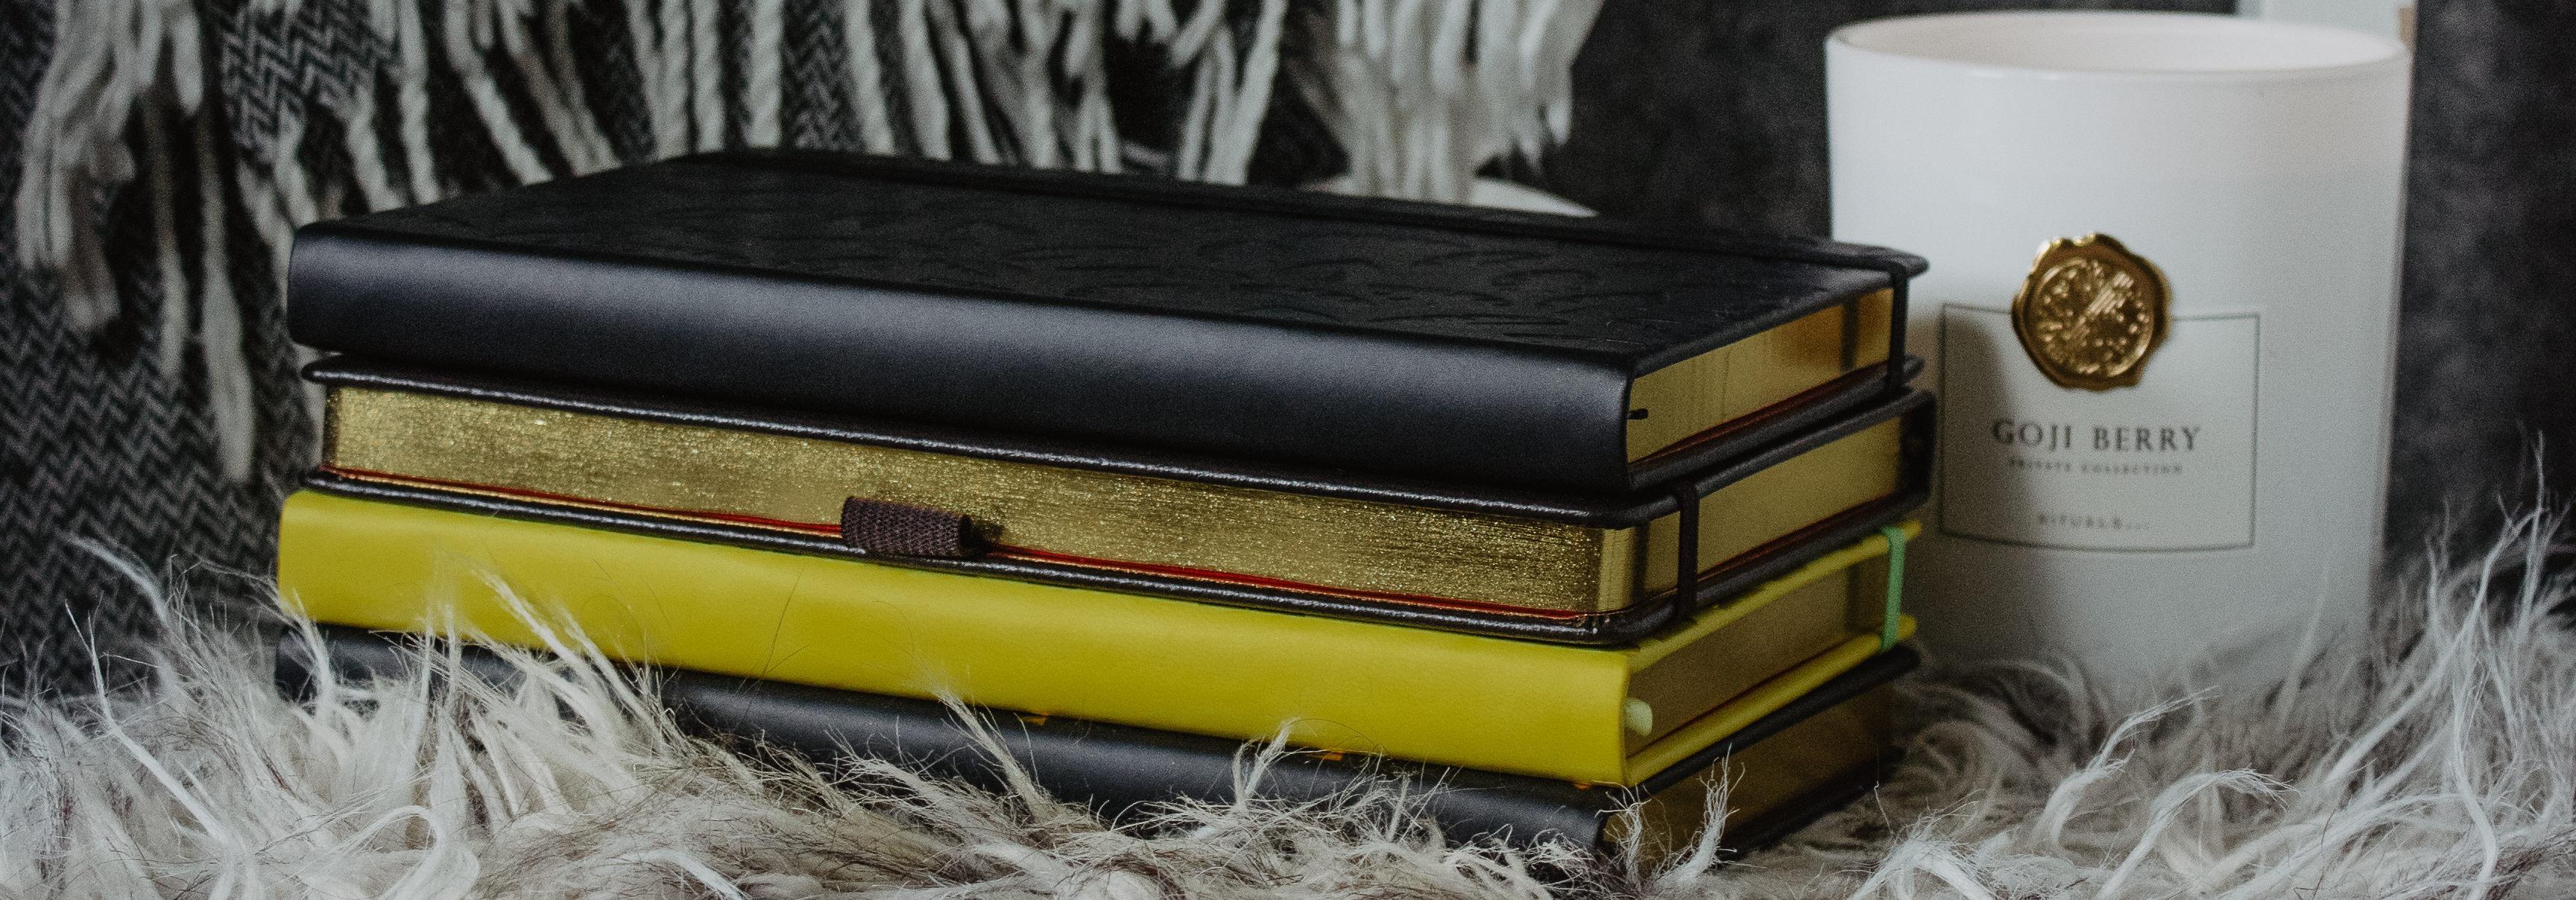 Din unika anteckningsbok och fickkalender hittar du hos skrivi.se